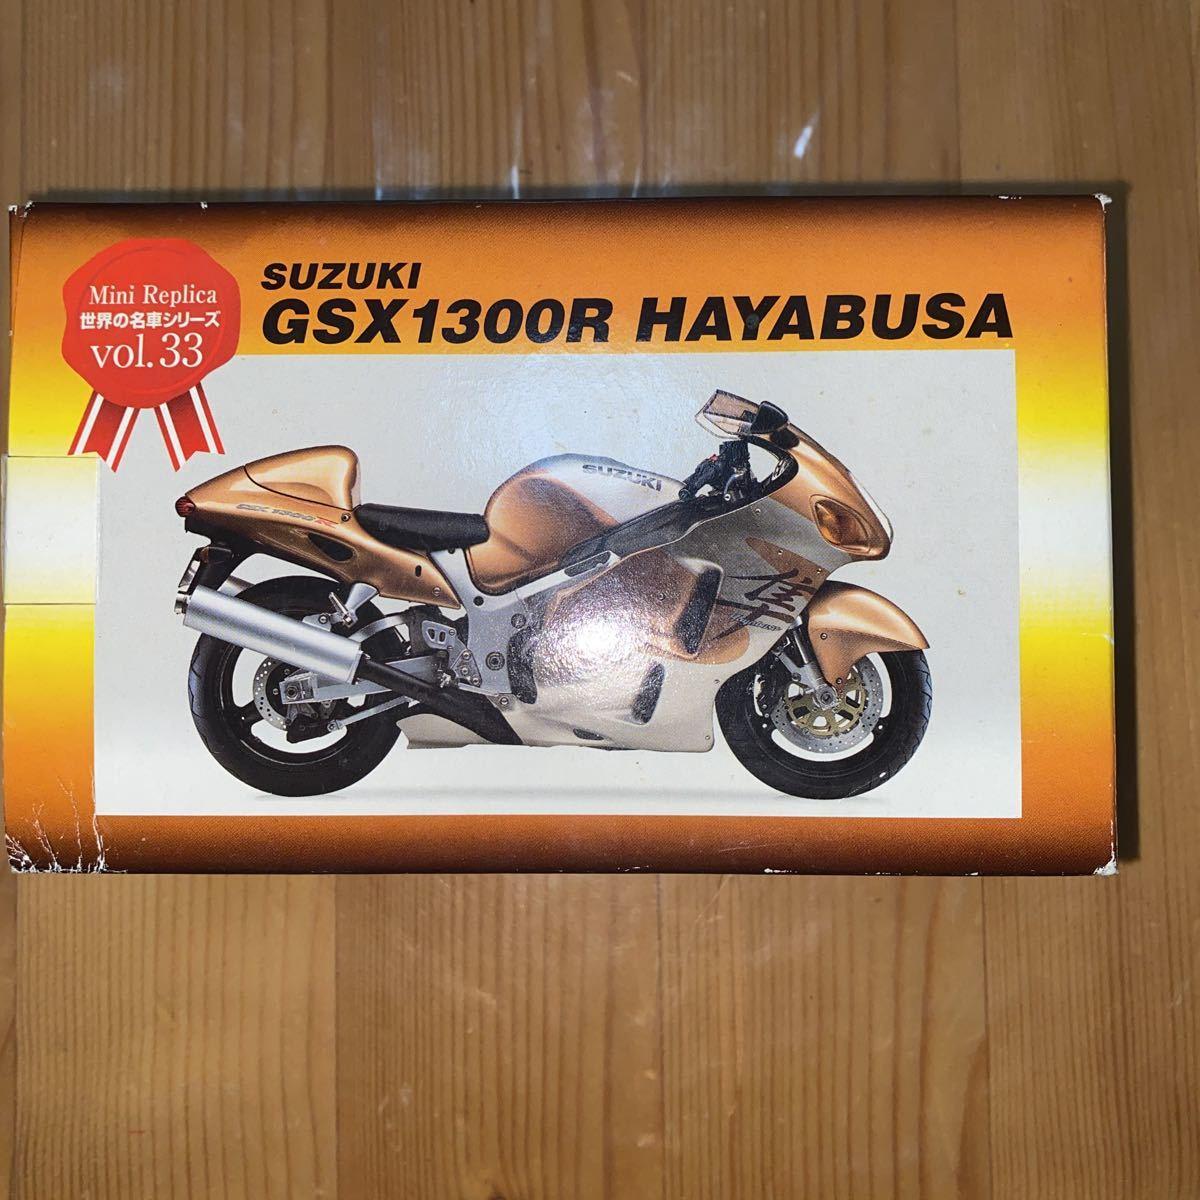 レッドバロン 世界の名車シリーズ Vol.33 SUZUKI GSX1300R HAYABUSA 隼 ハヤブサ 熊本より_画像1